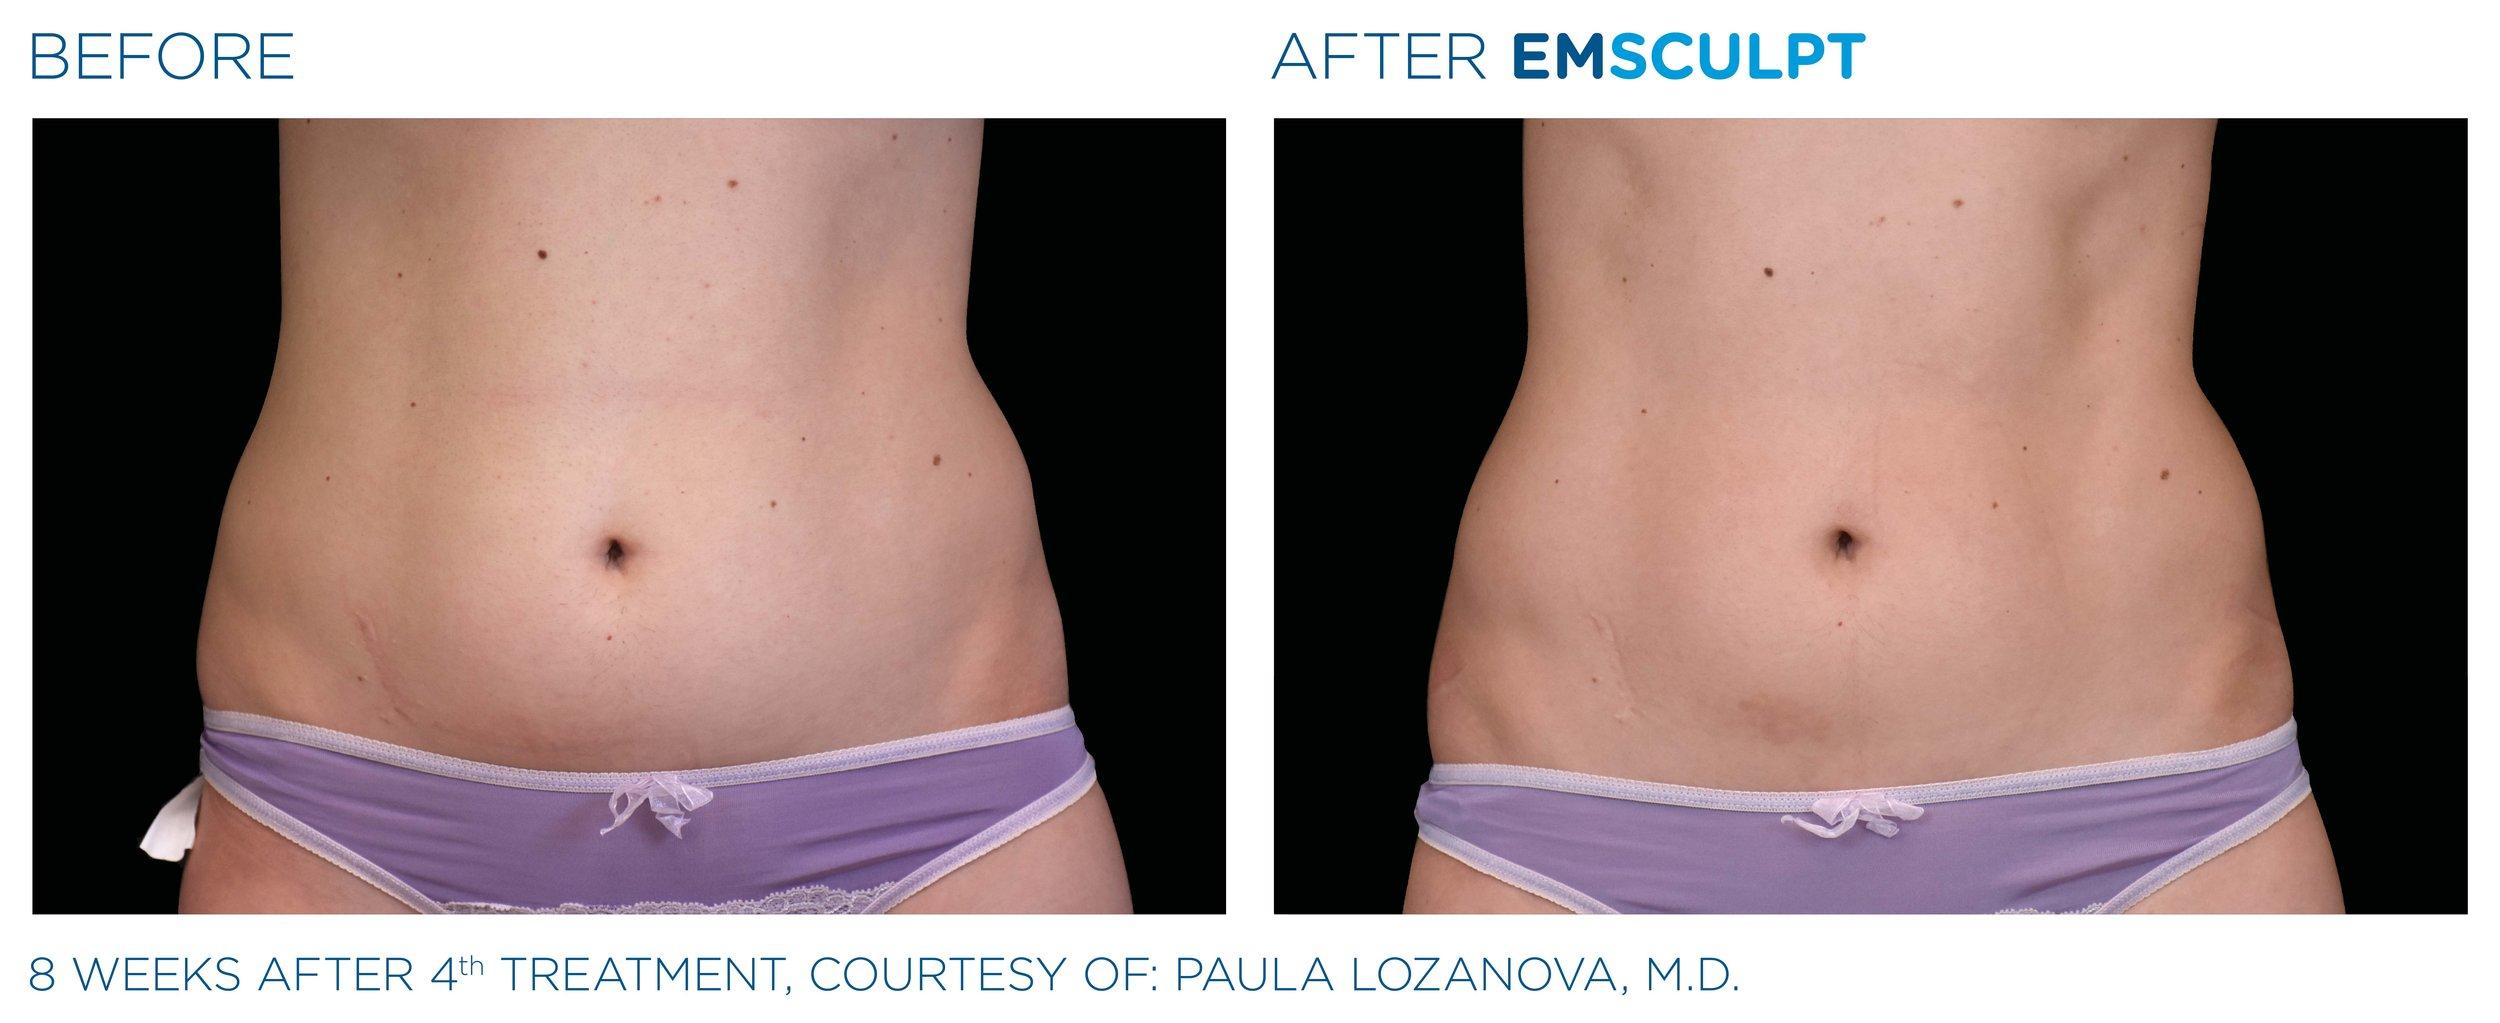 Emsculpt_PIC_Ba-card-female-abdomen-026_ENUS100.jpg